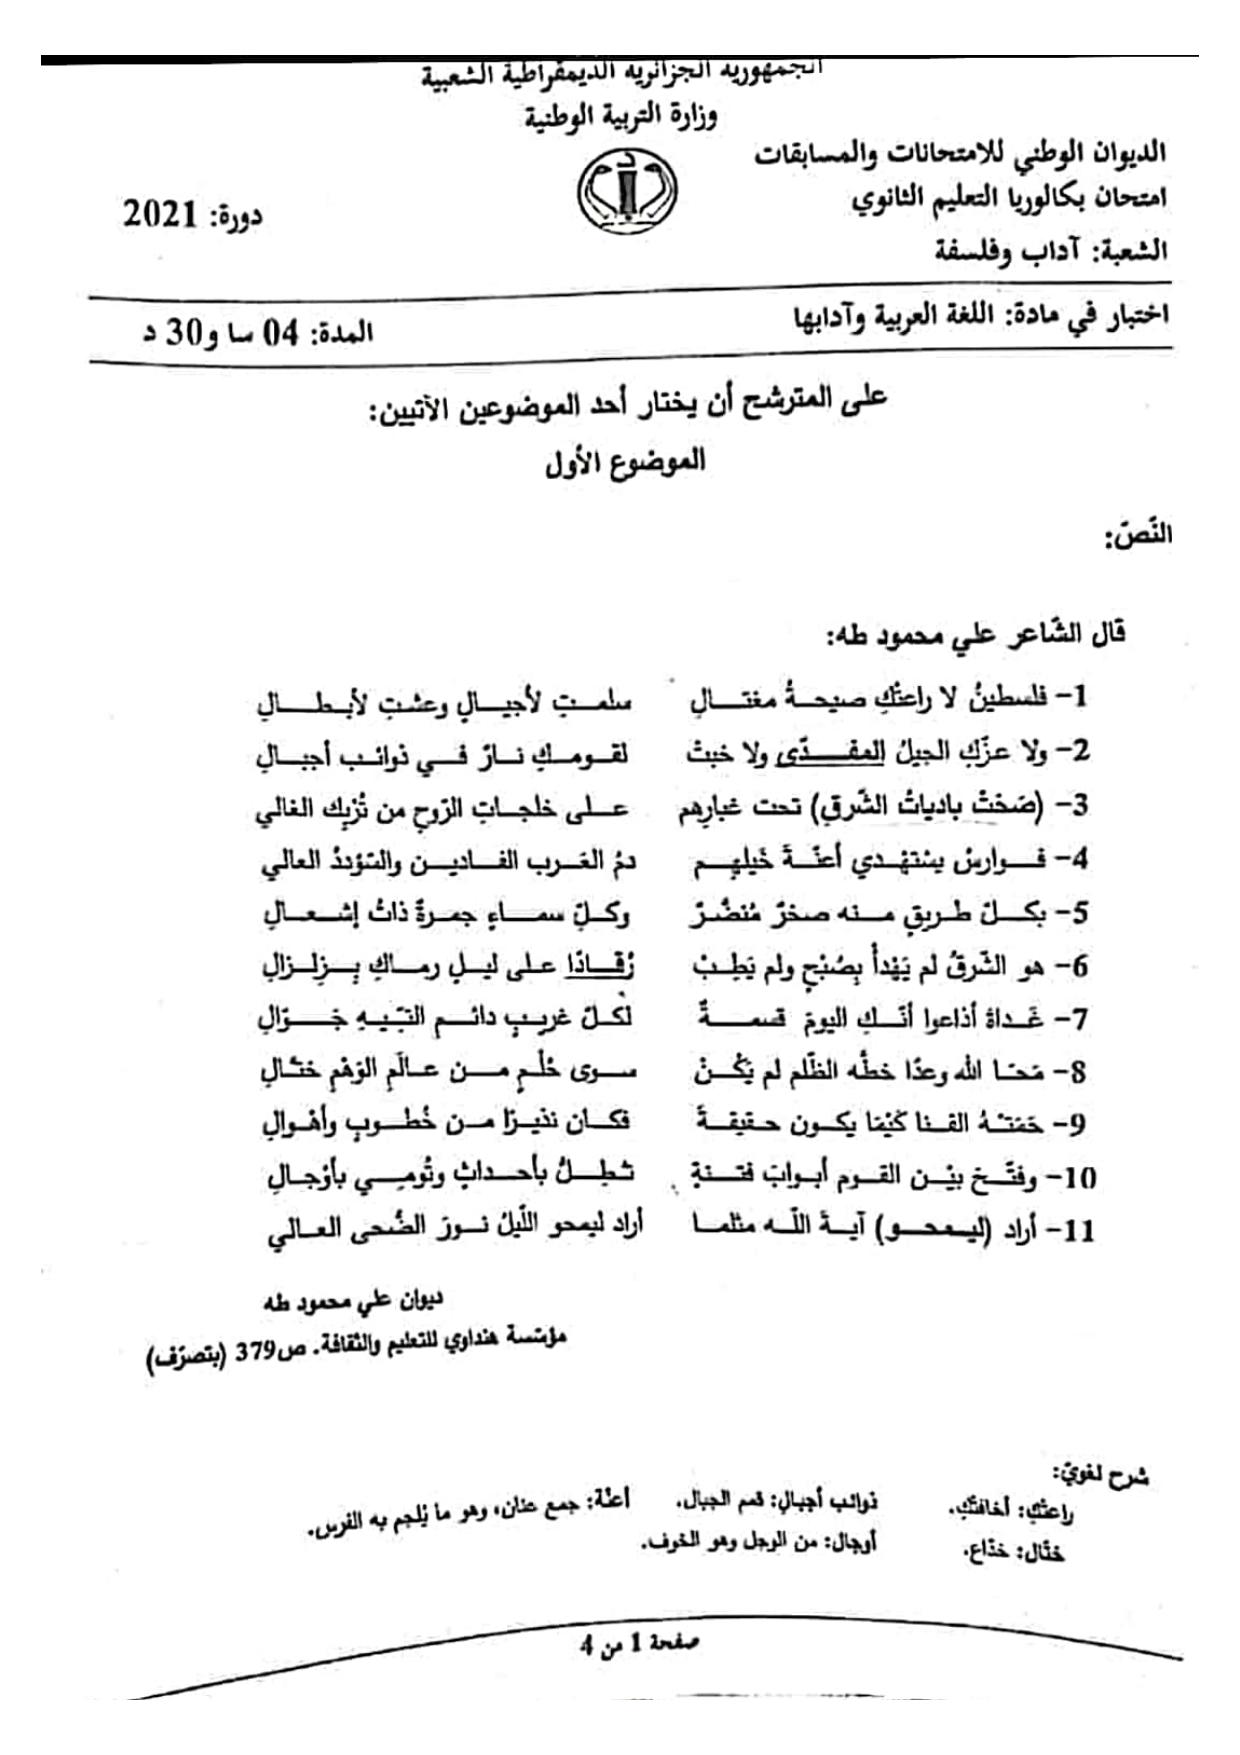 موضوع اللغة العربية شعبة آداب وفلسفة بكالوريا 2021 تحميل